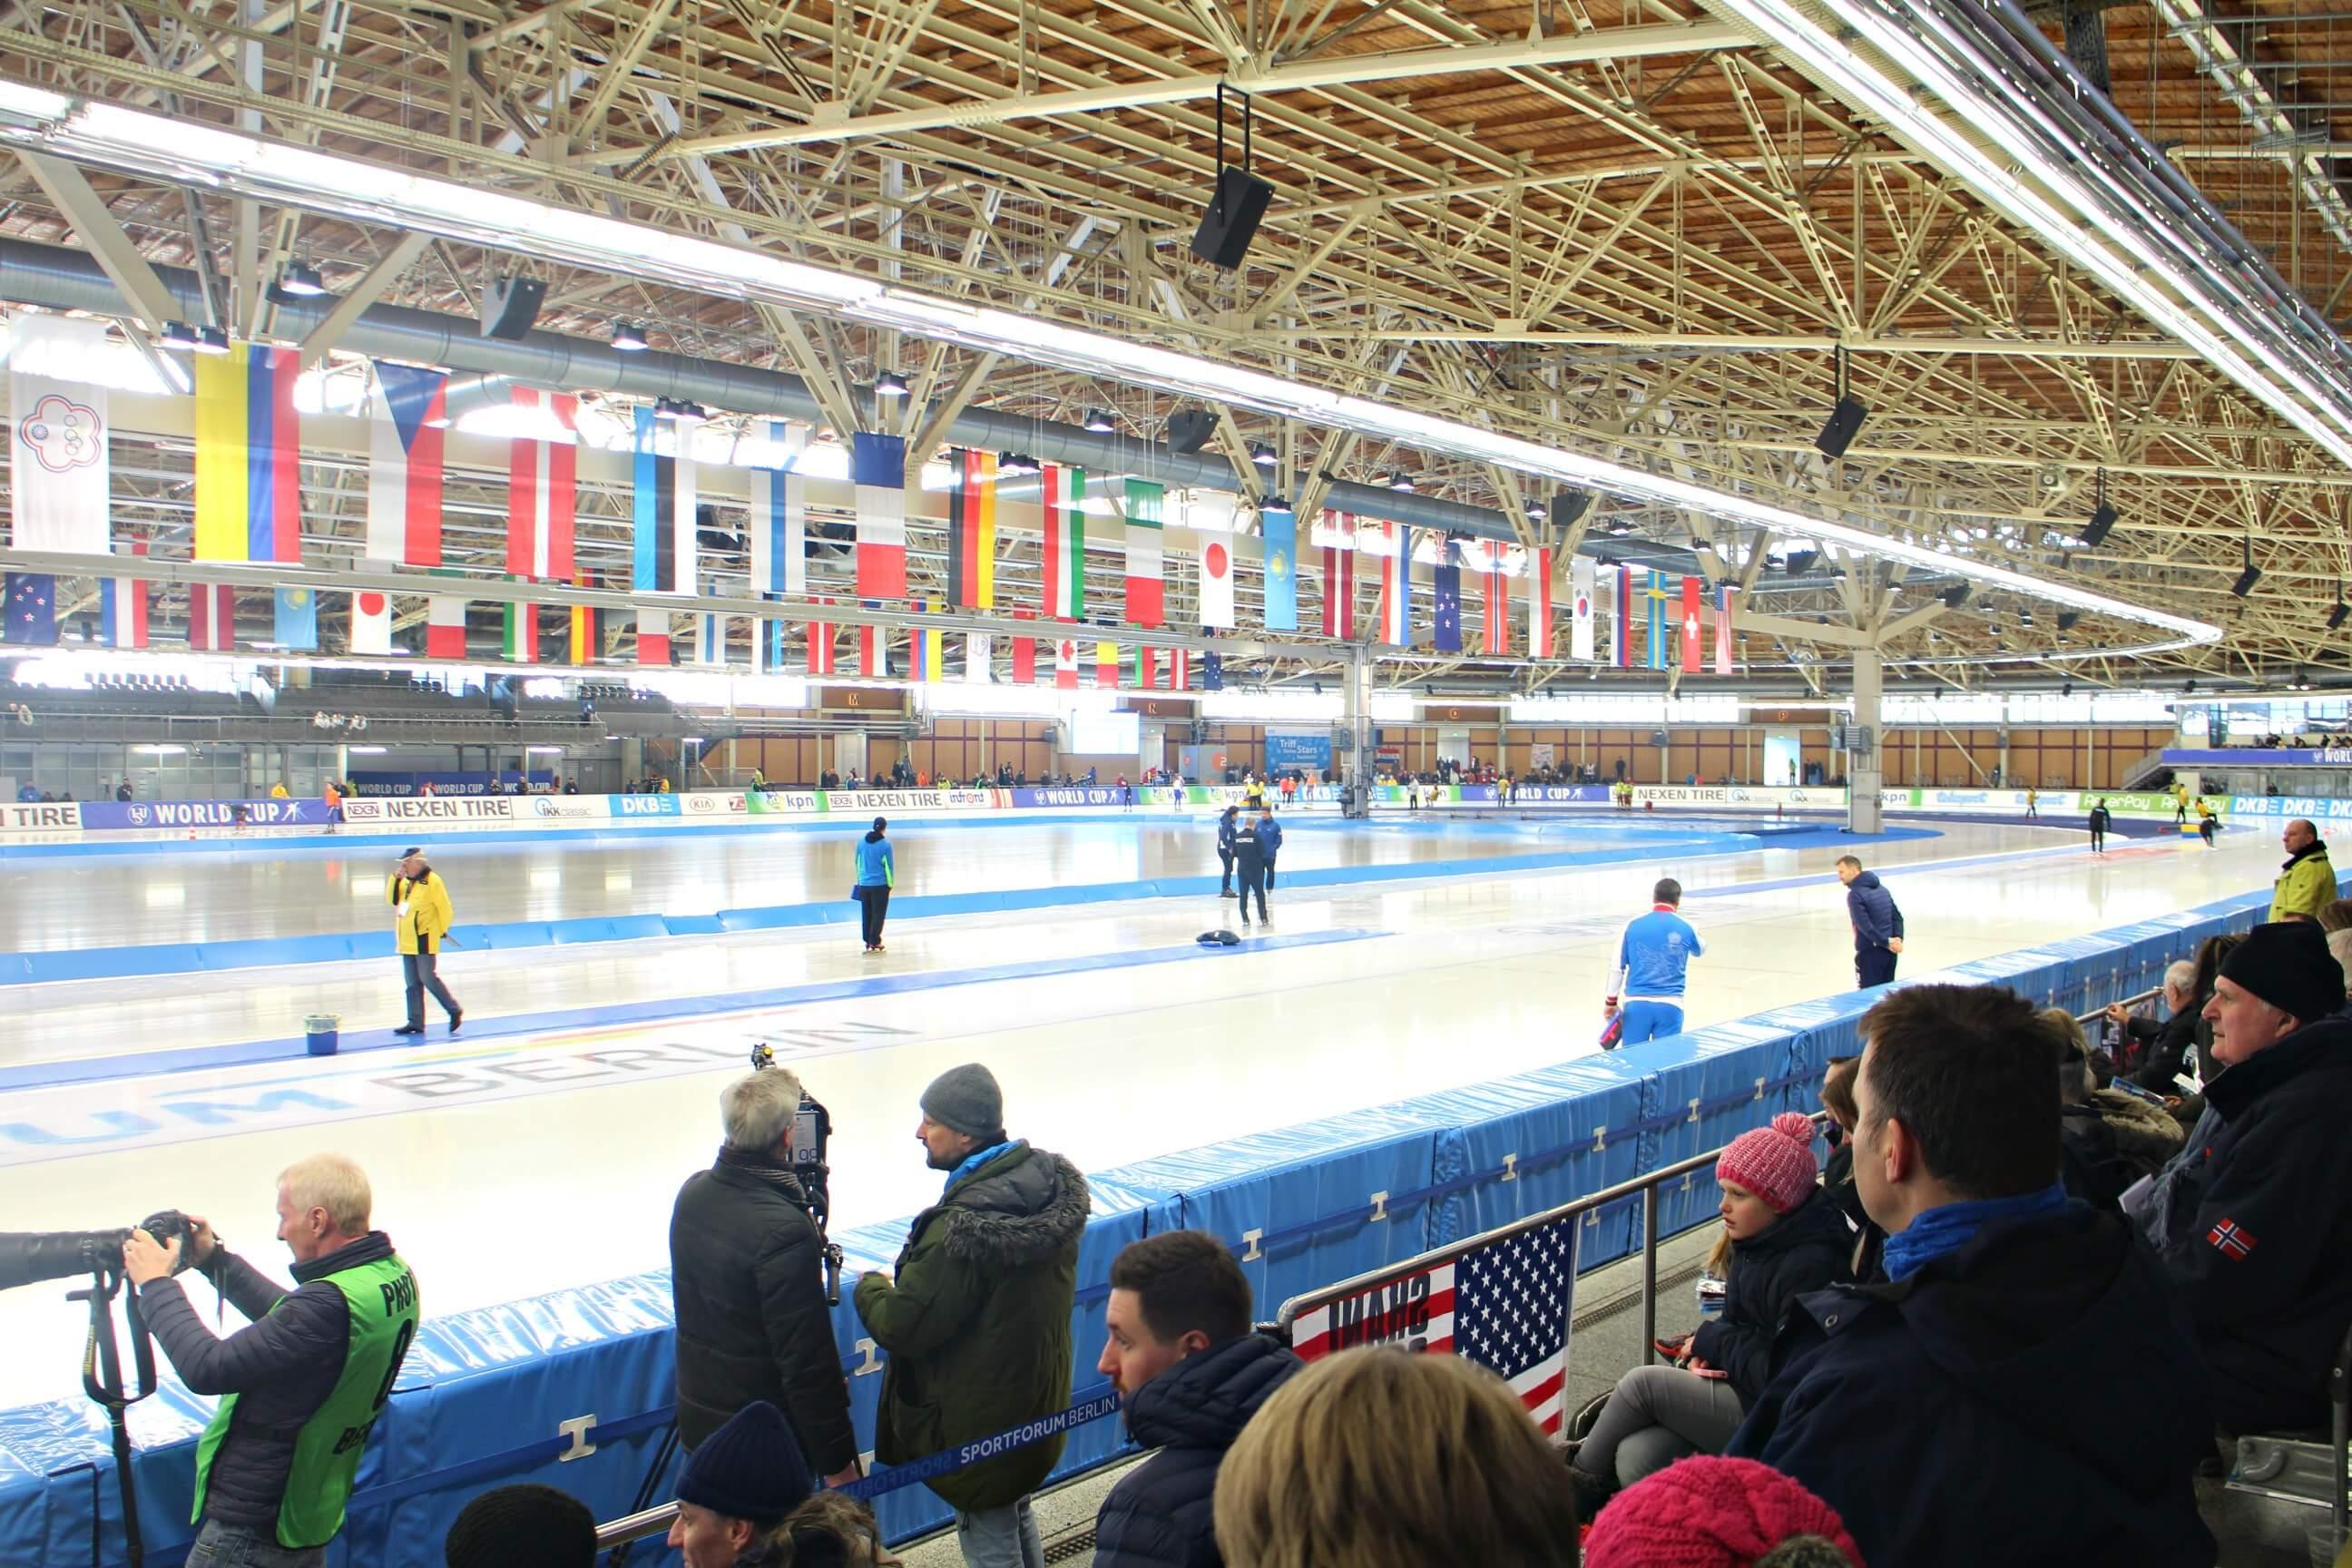 IJsbaan Sportforum Hohenschönhausen